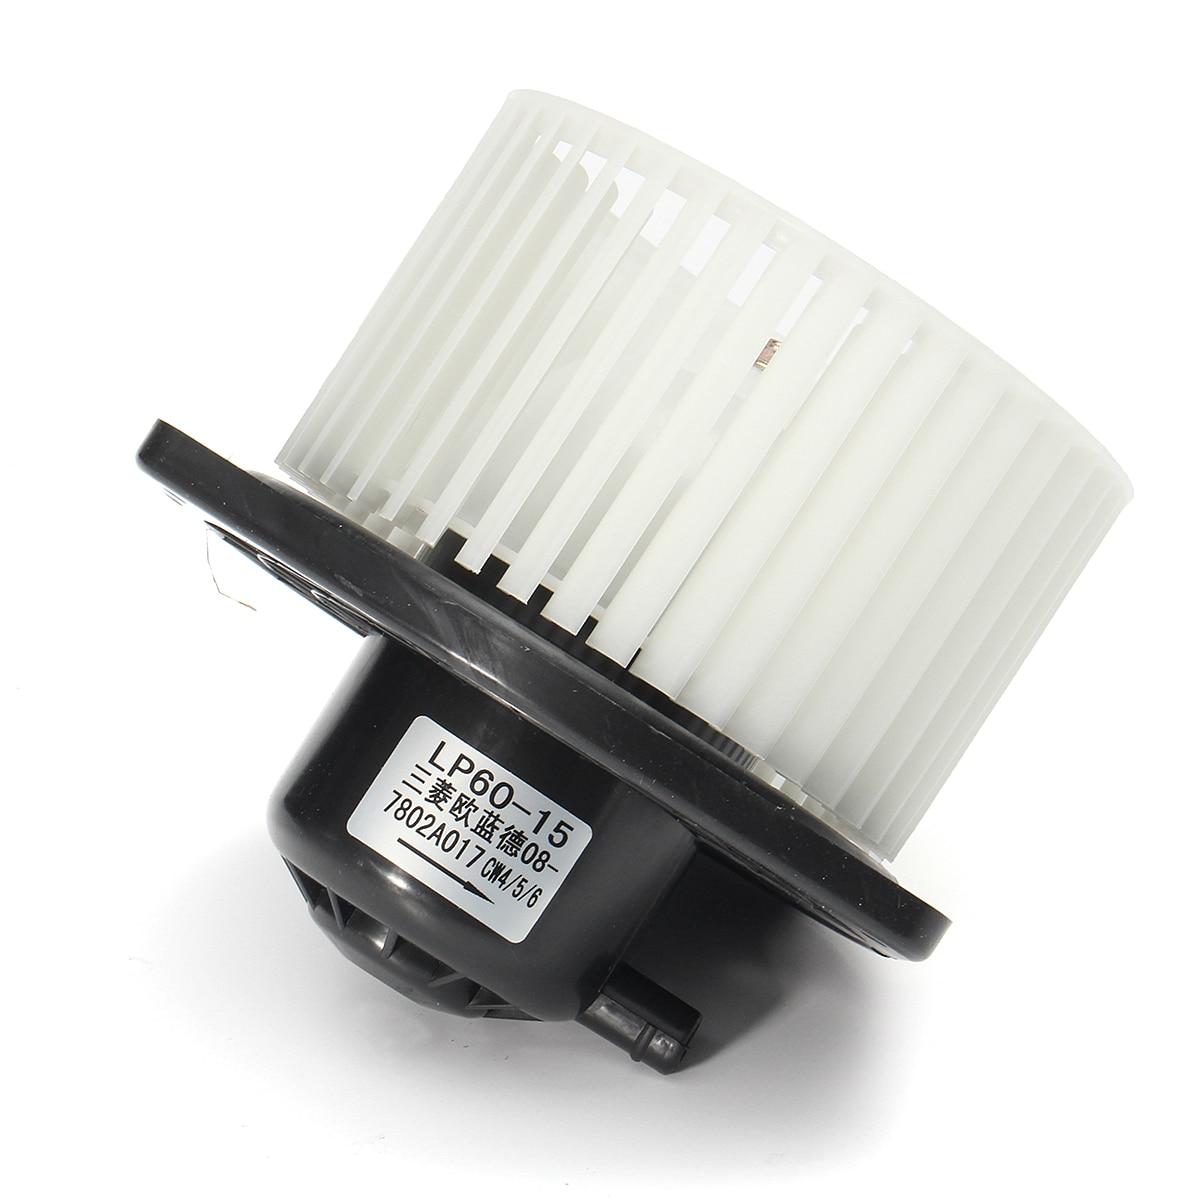 A/C кондиционер отопительный прибор вентилятор двигателя автомобиля Замена для Mitsubishi Lancer Outlander 2008-2013